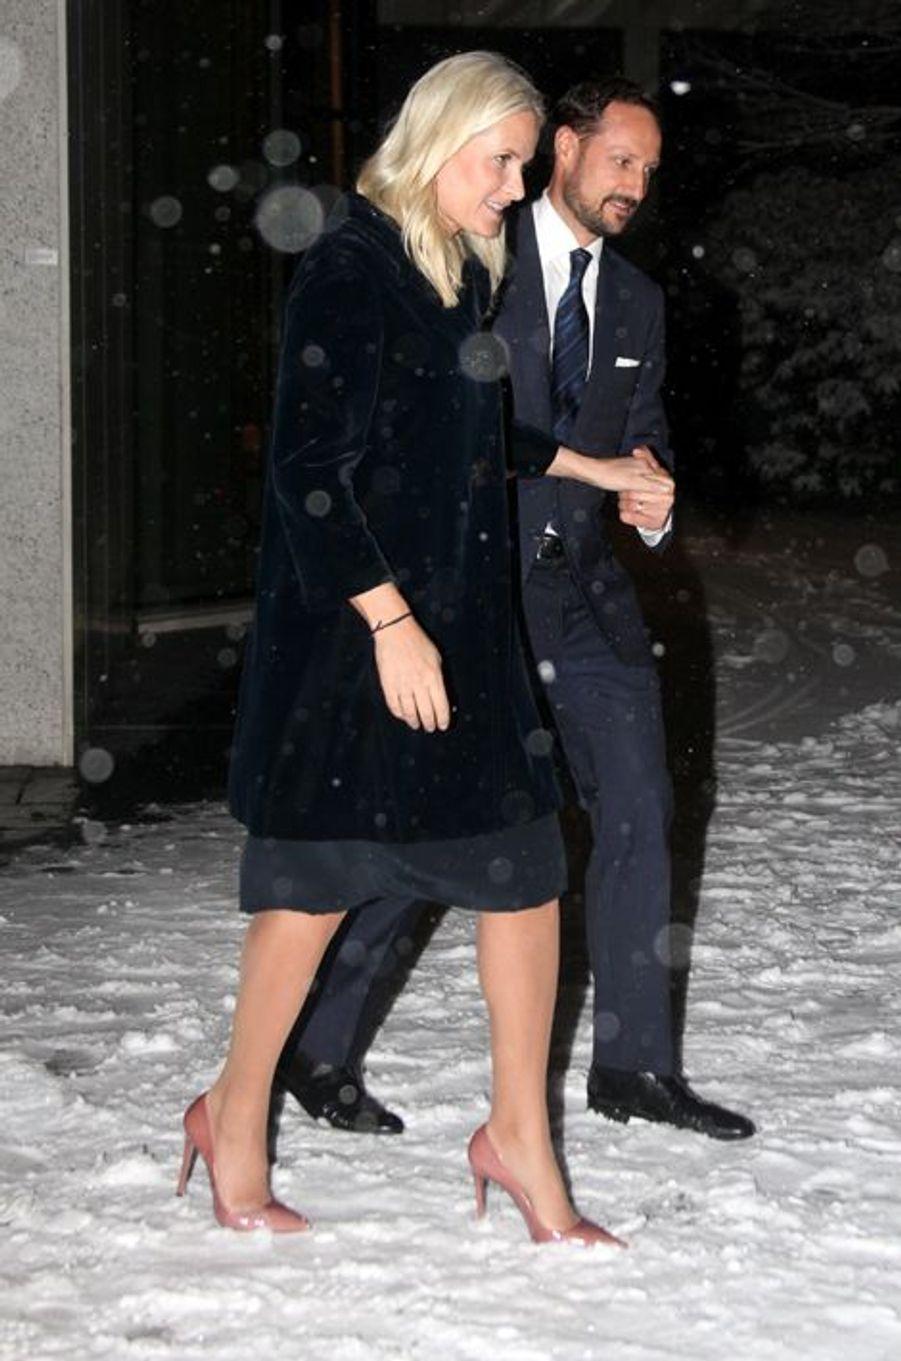 La princesse Mette-Marit et le prince Haakon de Norvège devant le musée Munch à Oslo, le 5 février 2016